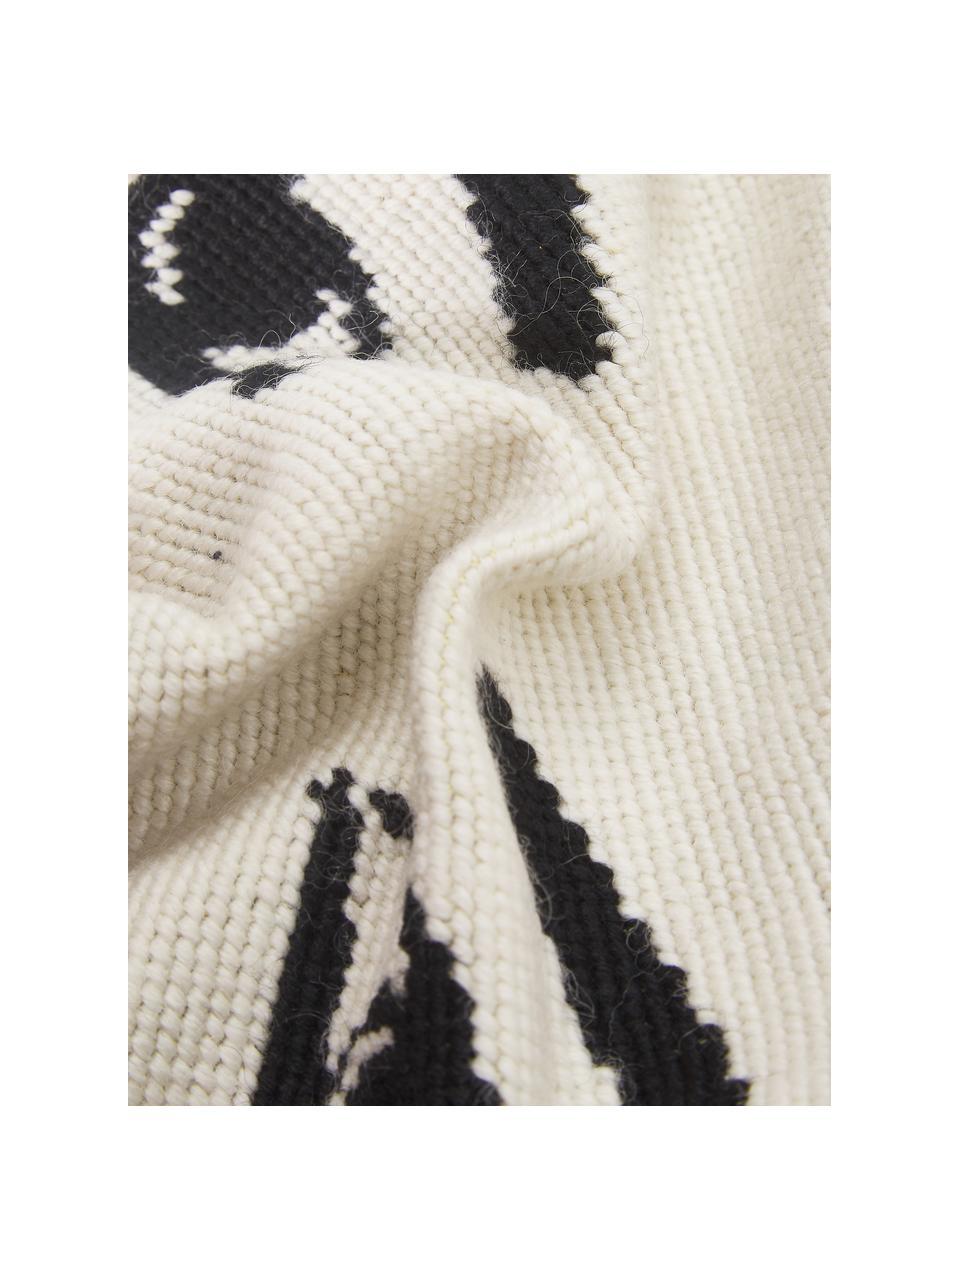 Kleines handbesticktes Designer-Kissen Eyes, mit Inlett, Vorderseite: Wolle, Rückseite: Baumwollsamt, Weiß, Schwarz, 23 x 30 cm